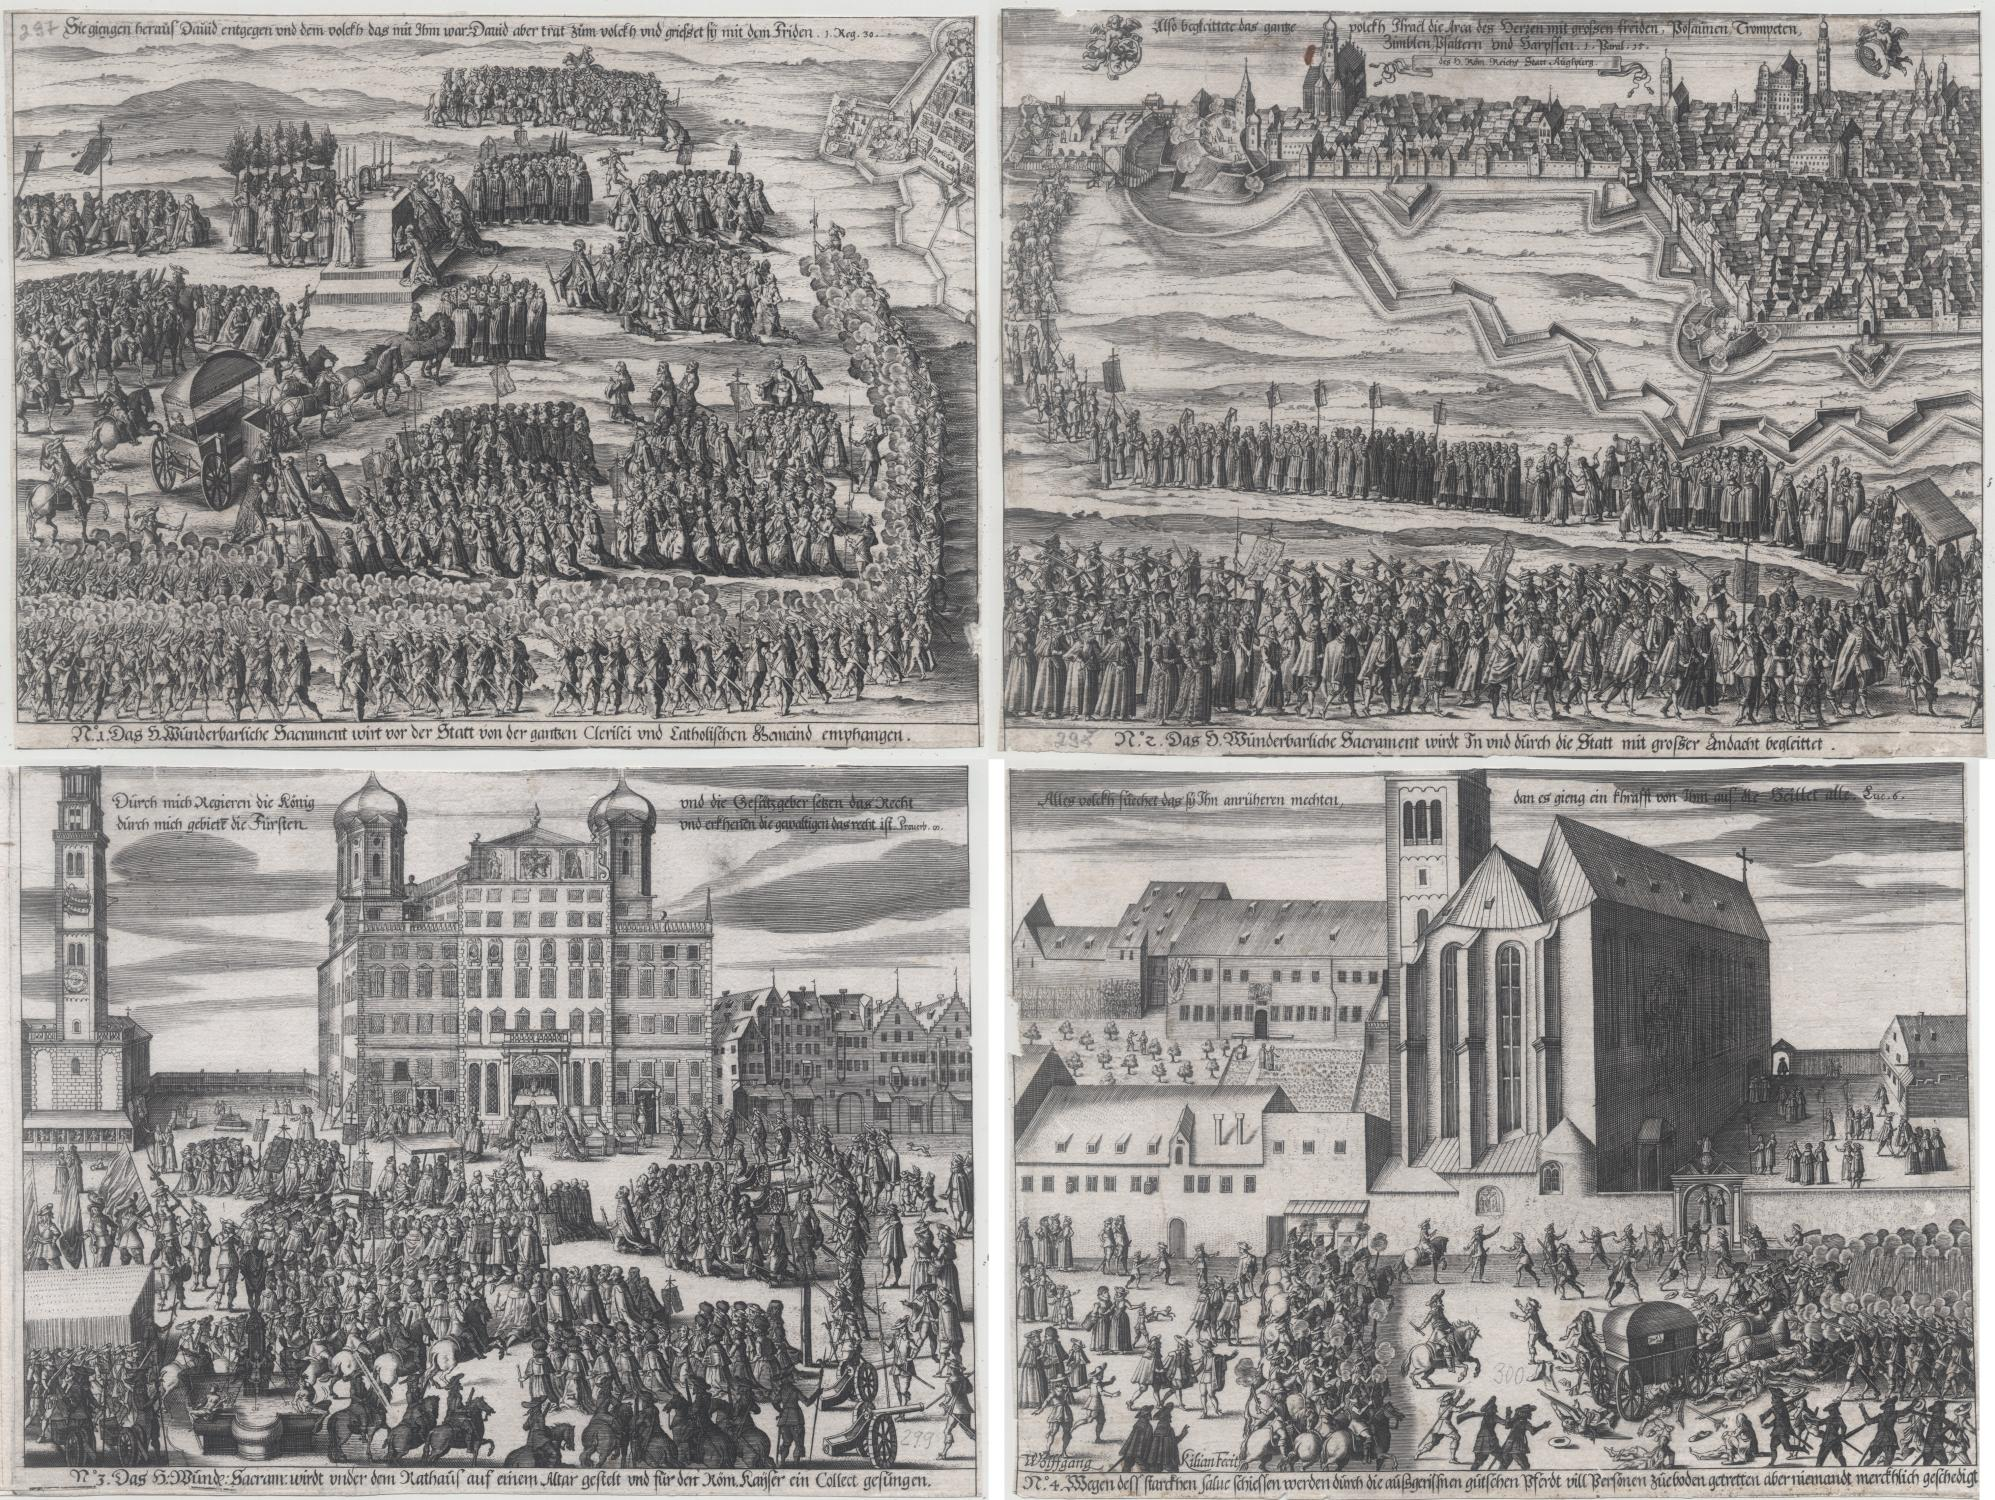 viaLibri ~ Rare Books from 1632 - Page 2